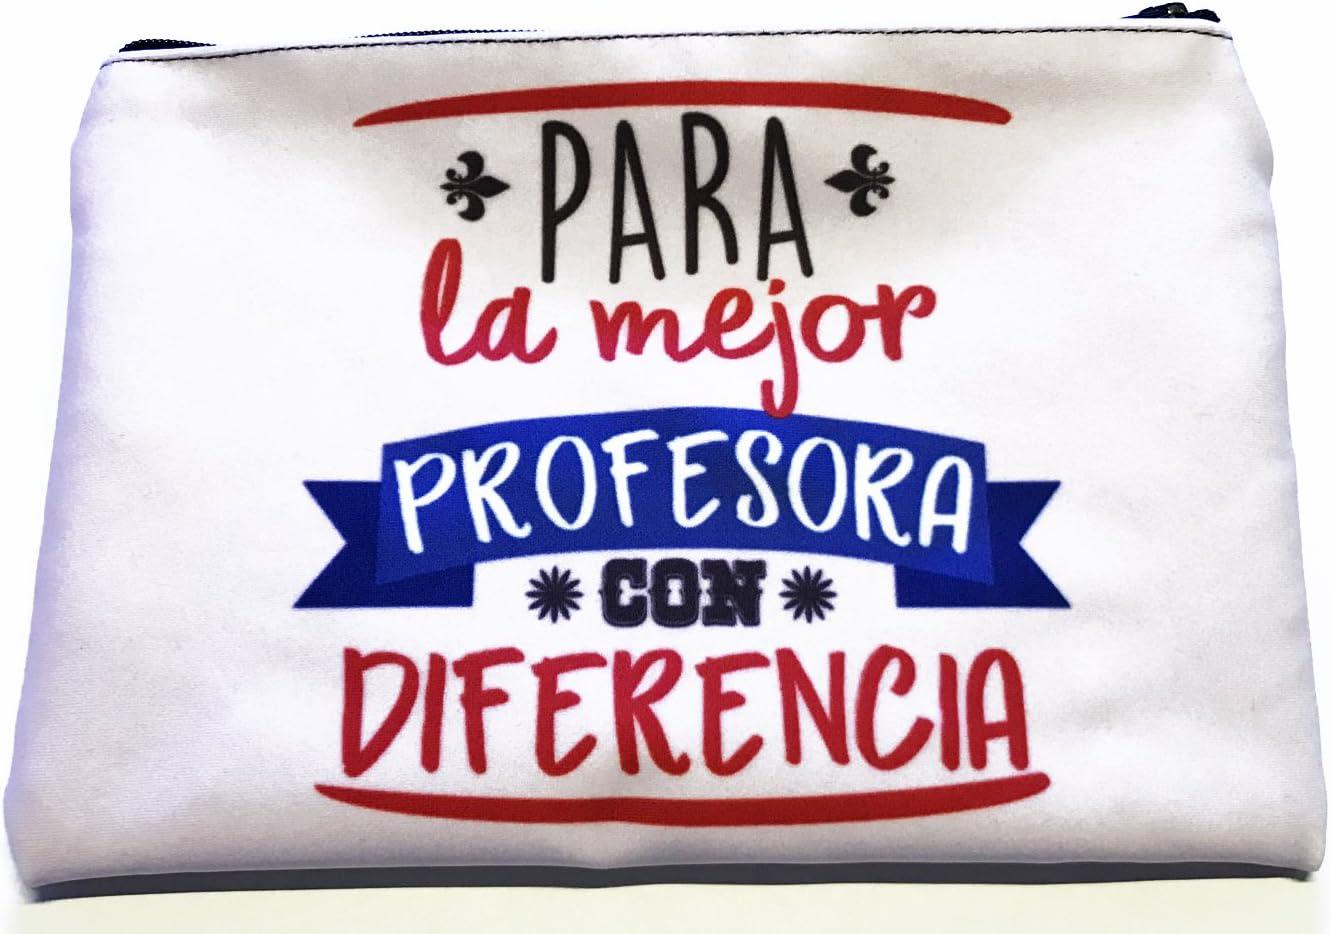 LInformal Neceser para la Mejor Profesora con Diferencia: Amazon.es: Hogar